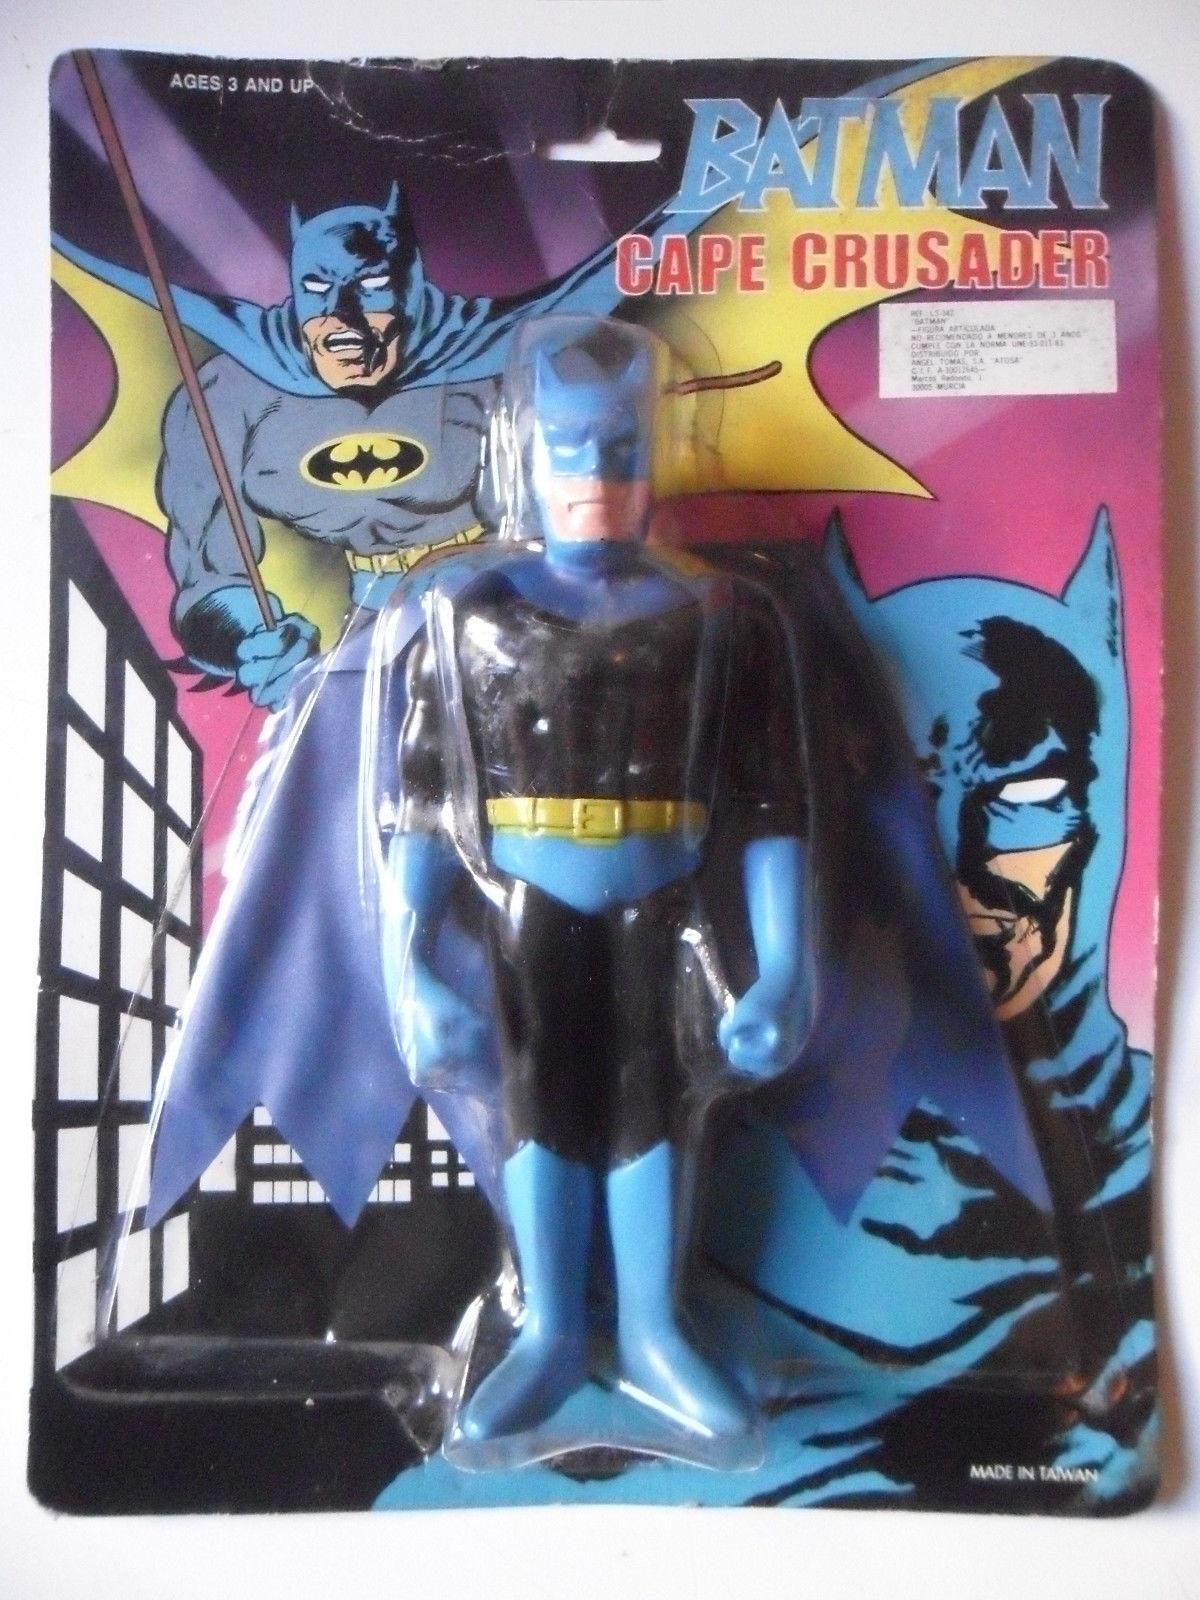 Batman (Caped Crusader figure)